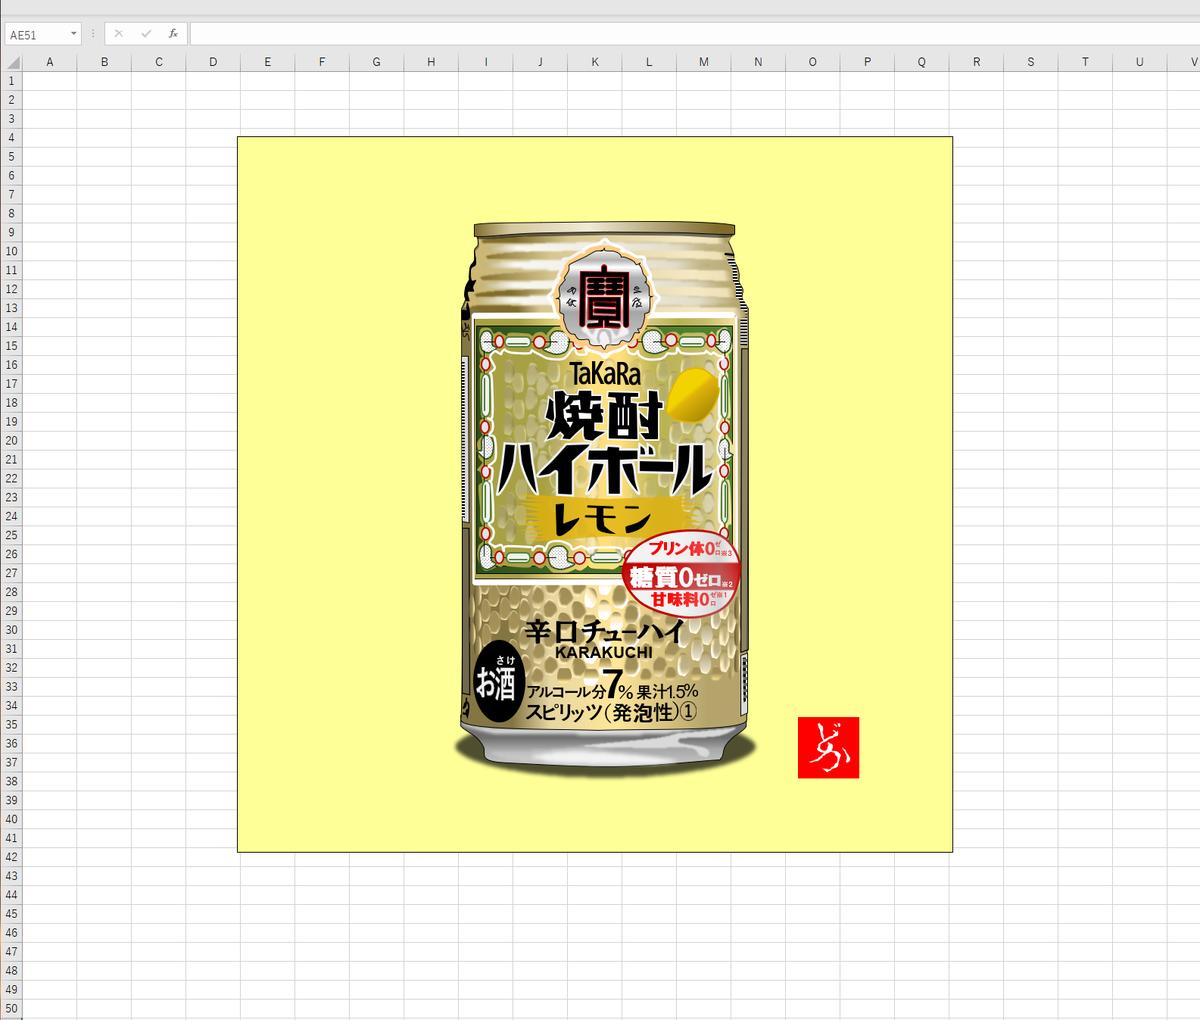 タカラ焼酎ハイボールレモンのエクセル画イラスト